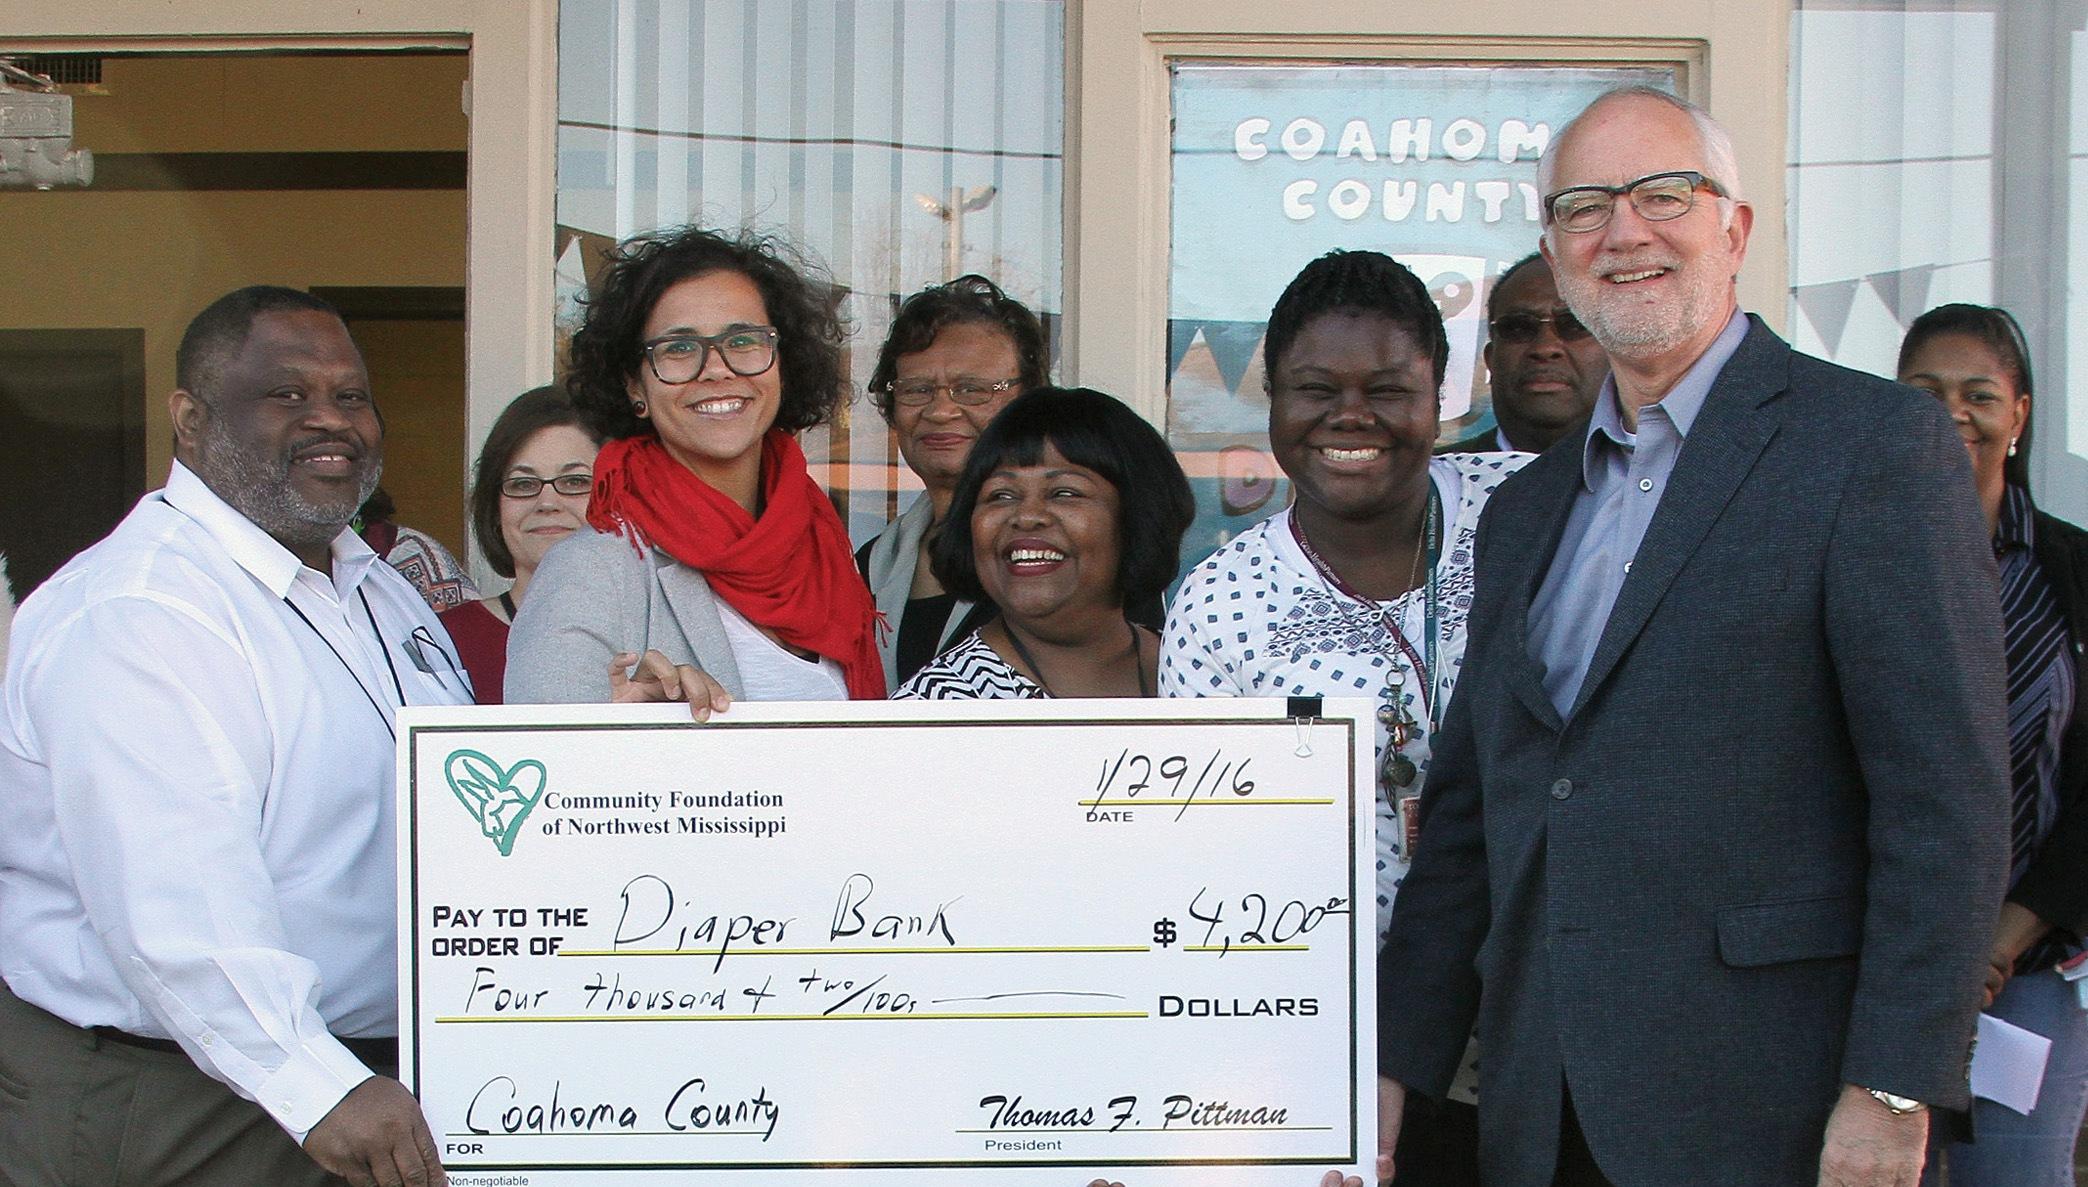 Mississippi coahoma county sherard - Coahoma County Diaper Bank Opens